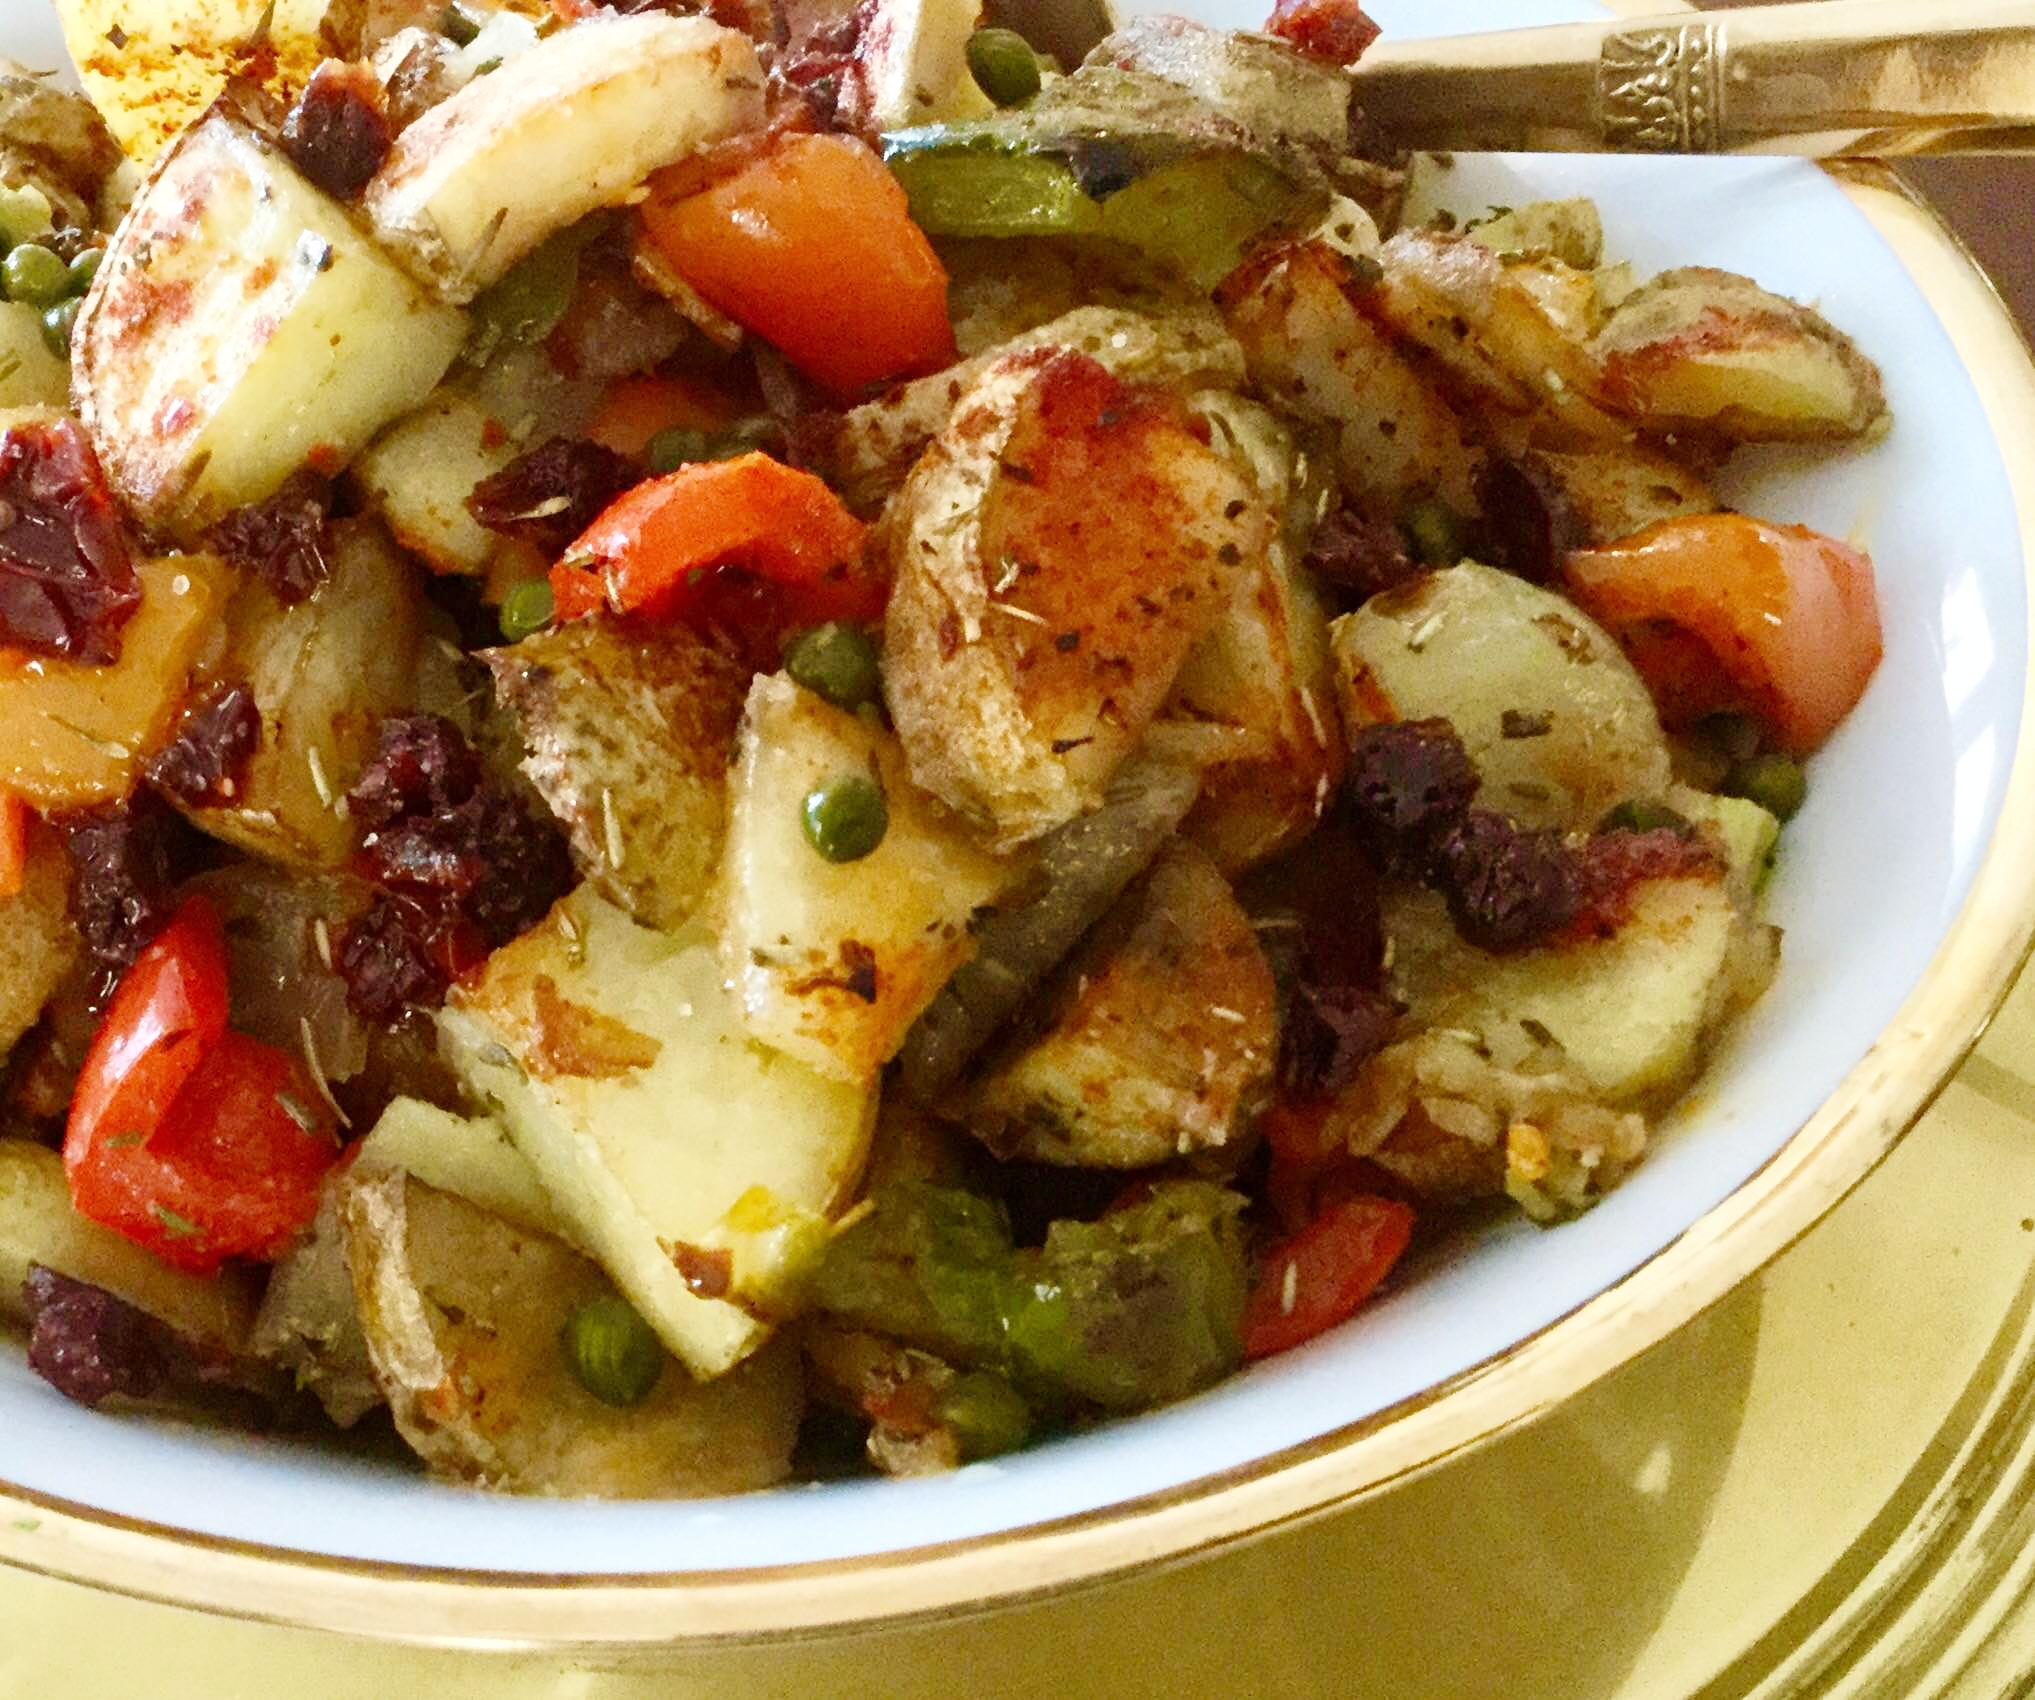 Roasted in Olive Oil & Herbal Seasonings, like Rosemary & Thyme